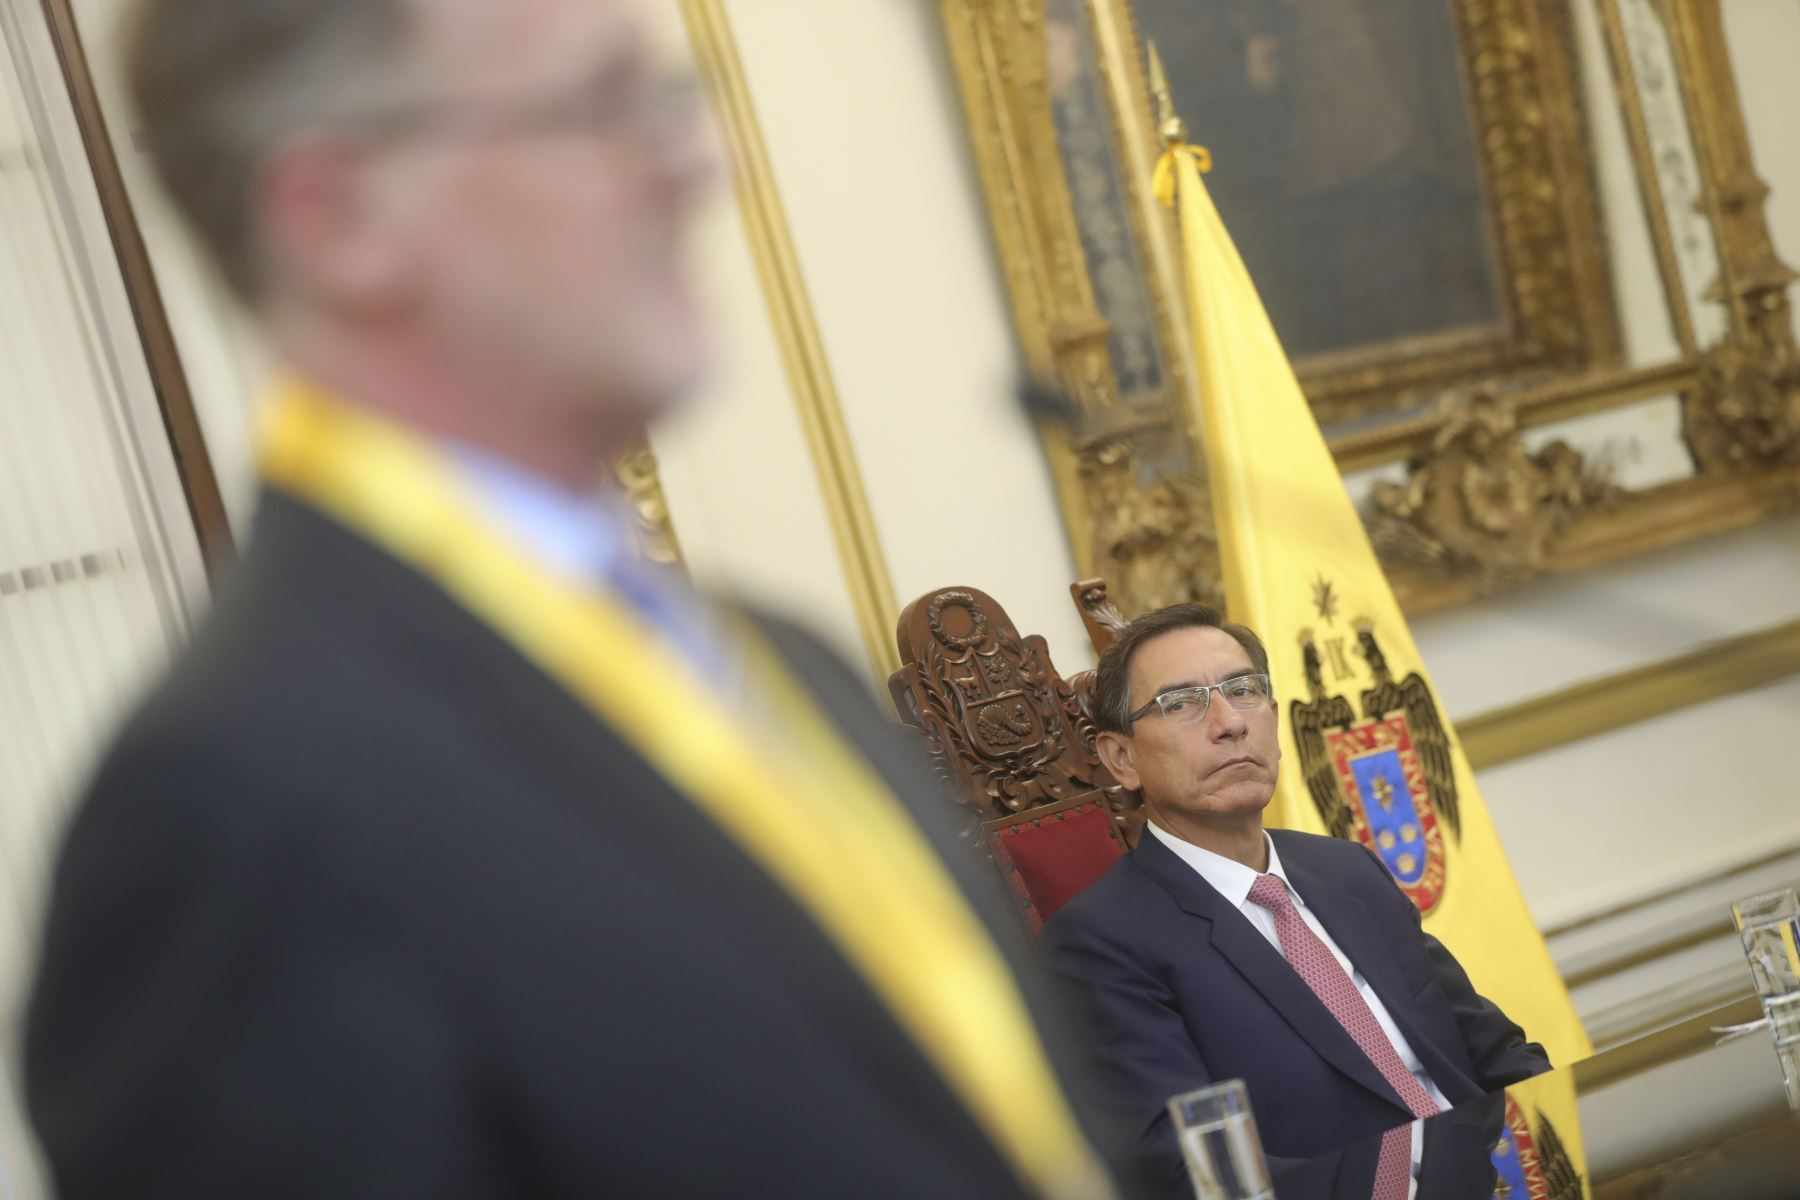 Presidente de la República, Martín Vizcarra y alcalde de Lima Jorge Muñoz encabezaron Sesión Solemne por el 485.° aniversario de la fundación de la ciudad y homenaje póstumo a limeños destacados. Foto: ANDINA/Prensa Presidencia